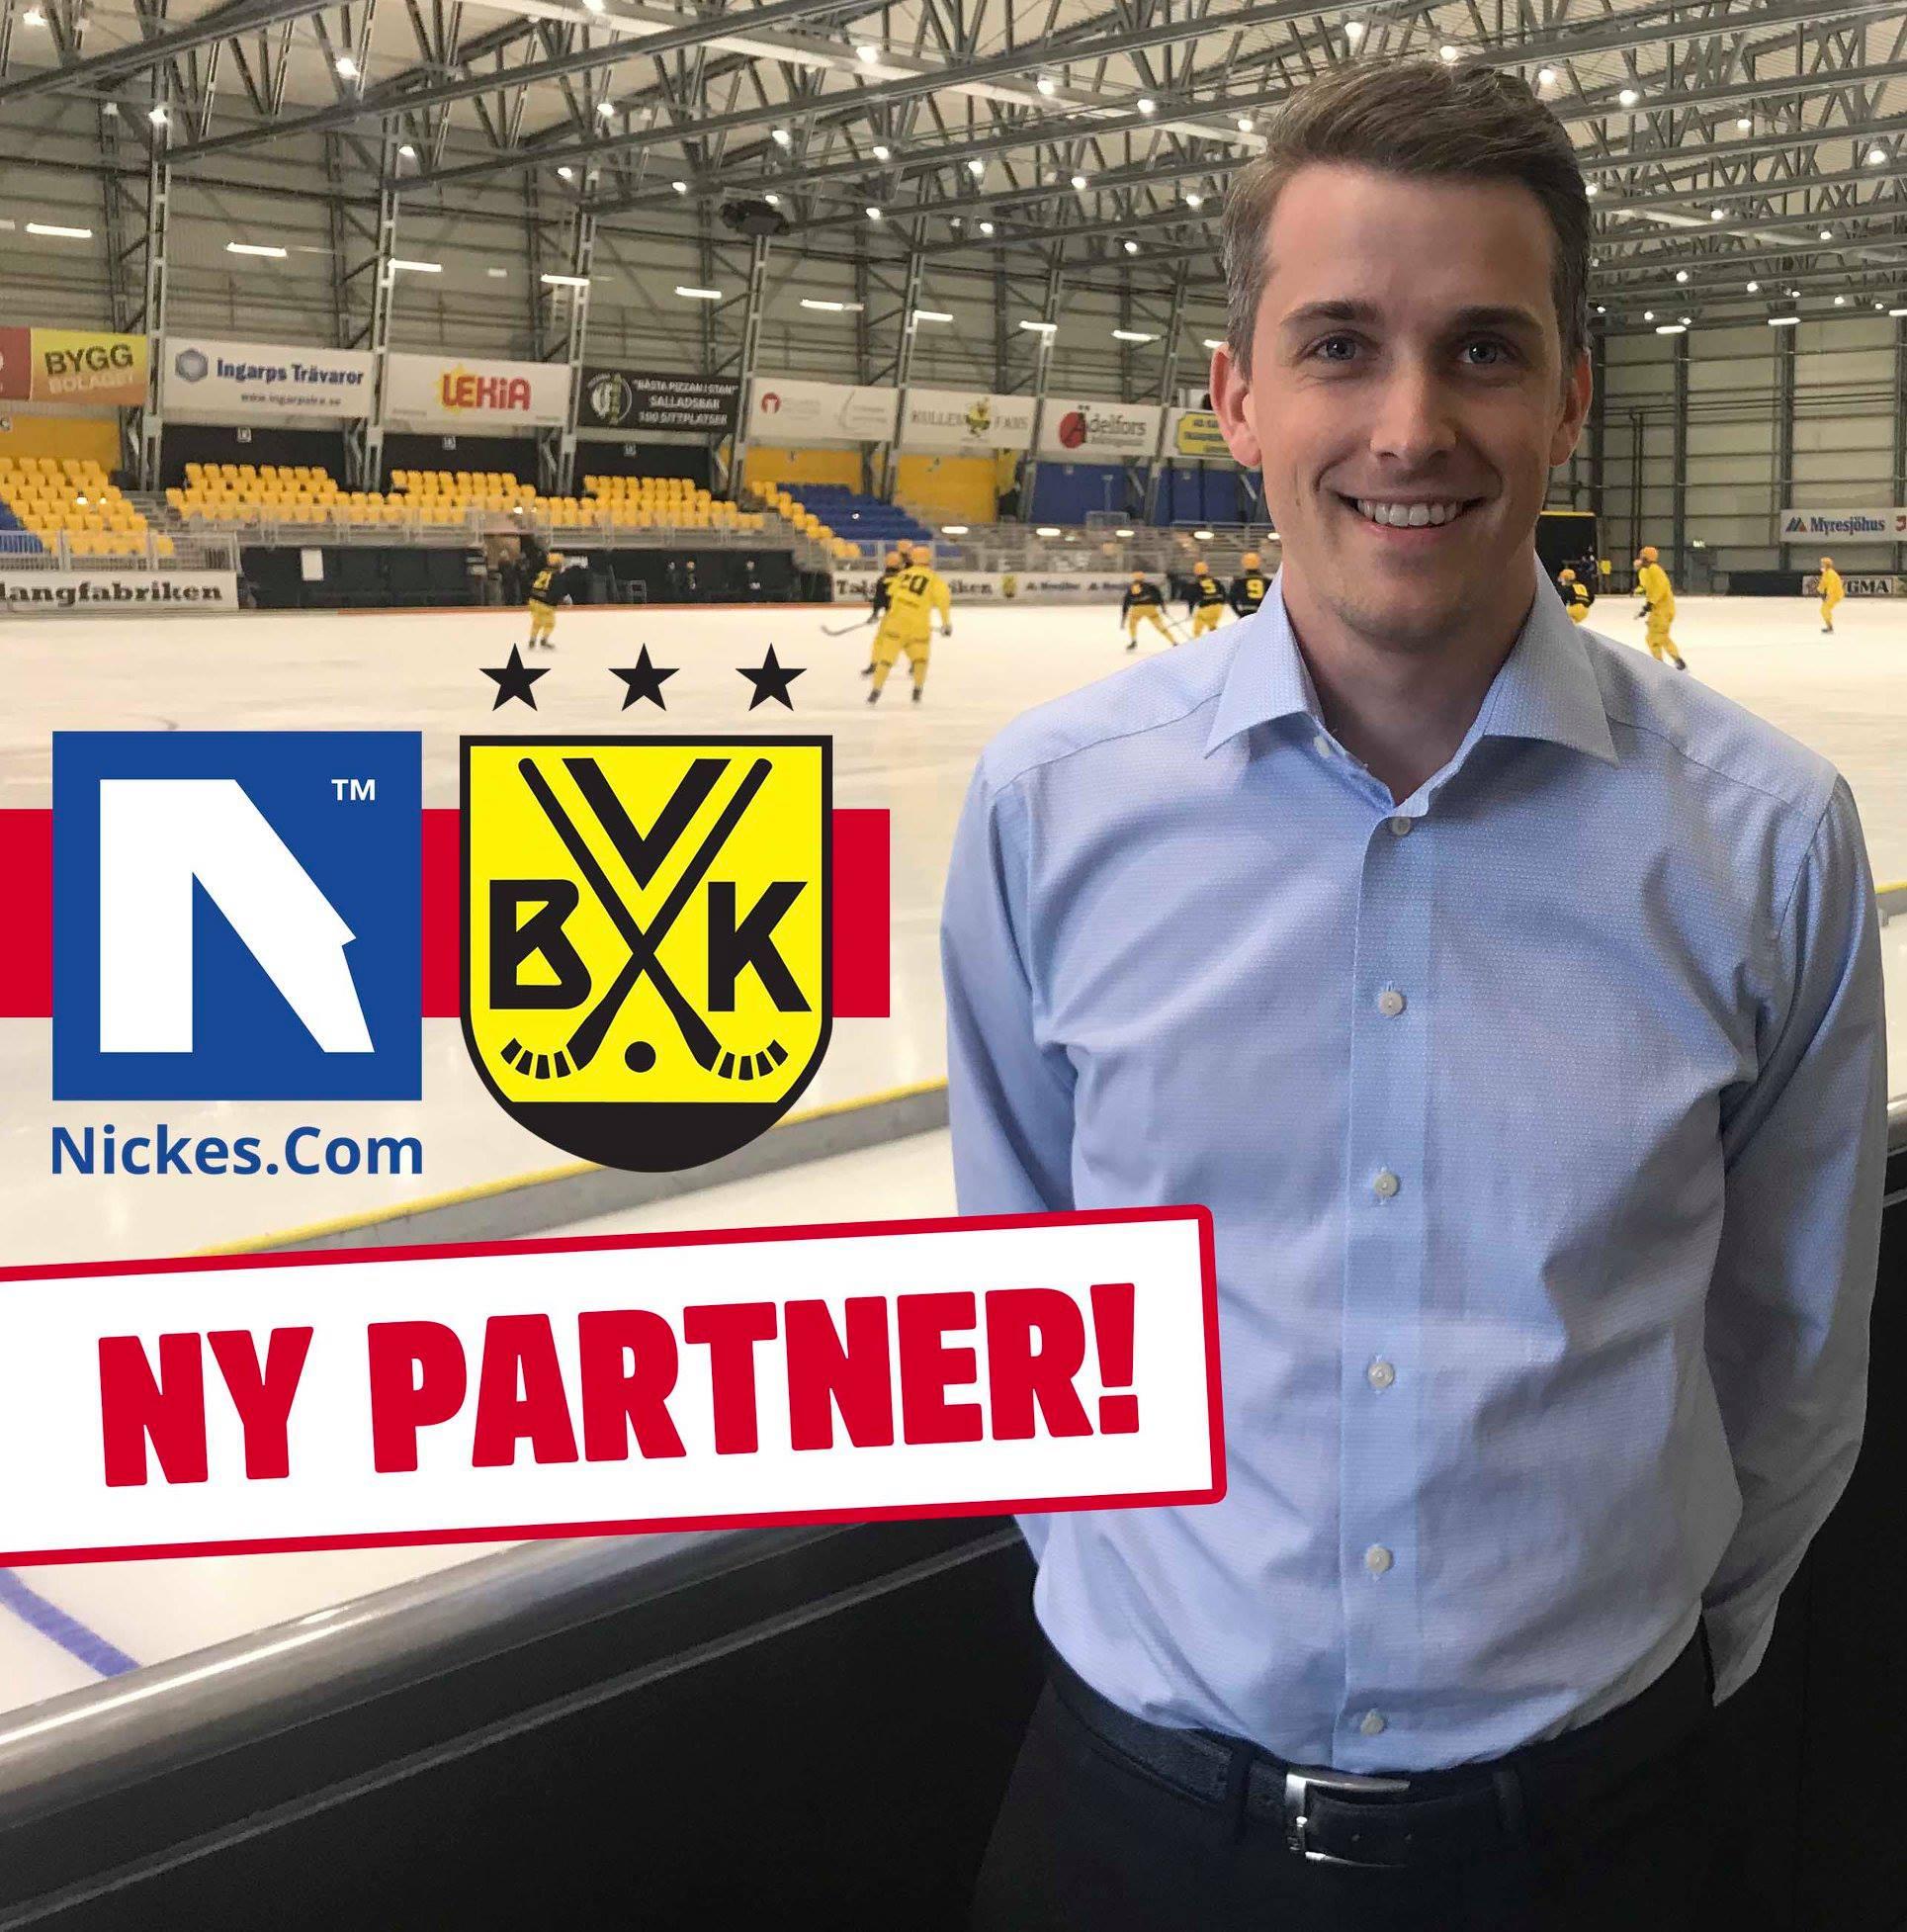 Nickes.com